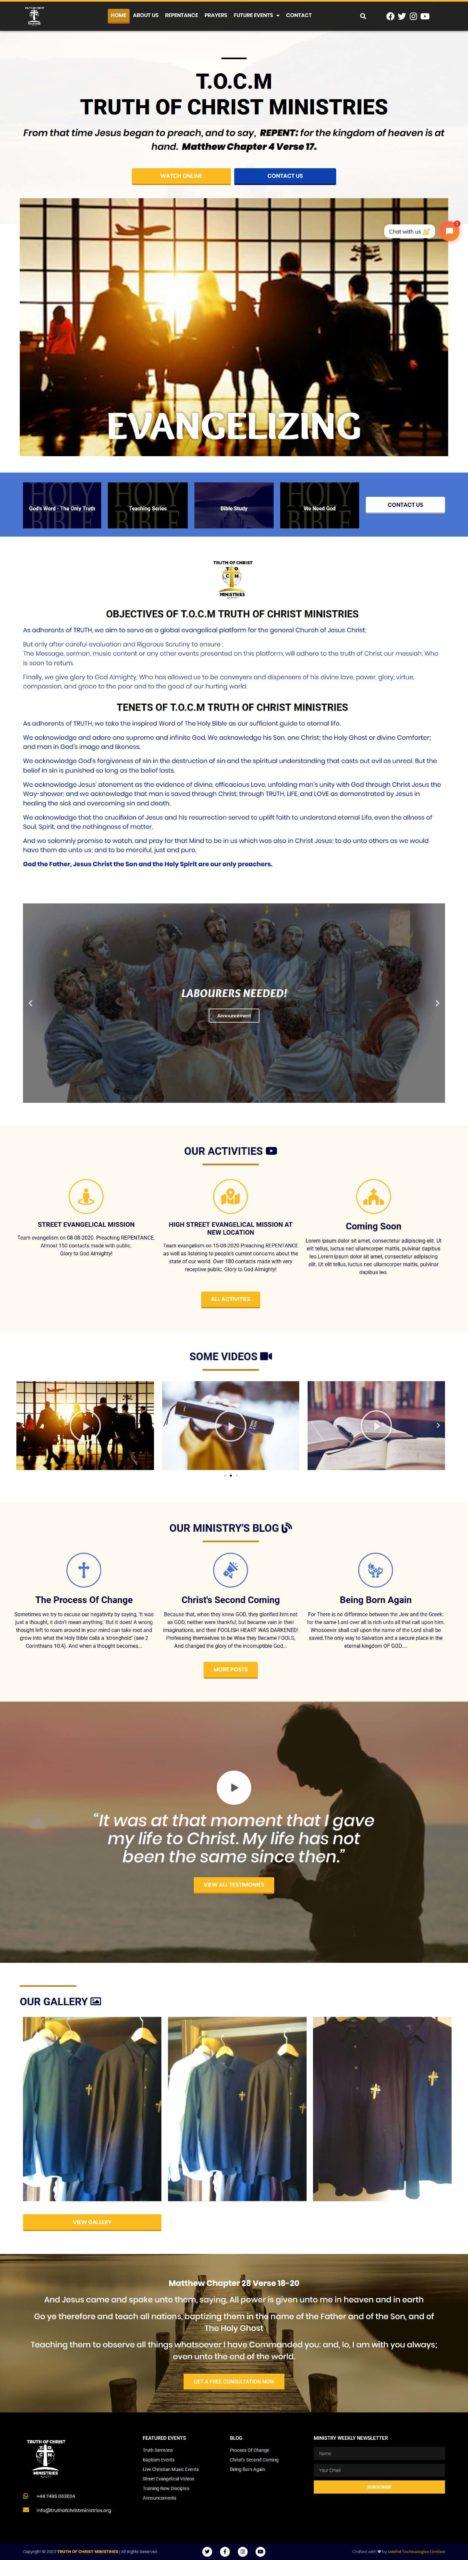 Best Church Website Design - Uddfel Technologies Limited